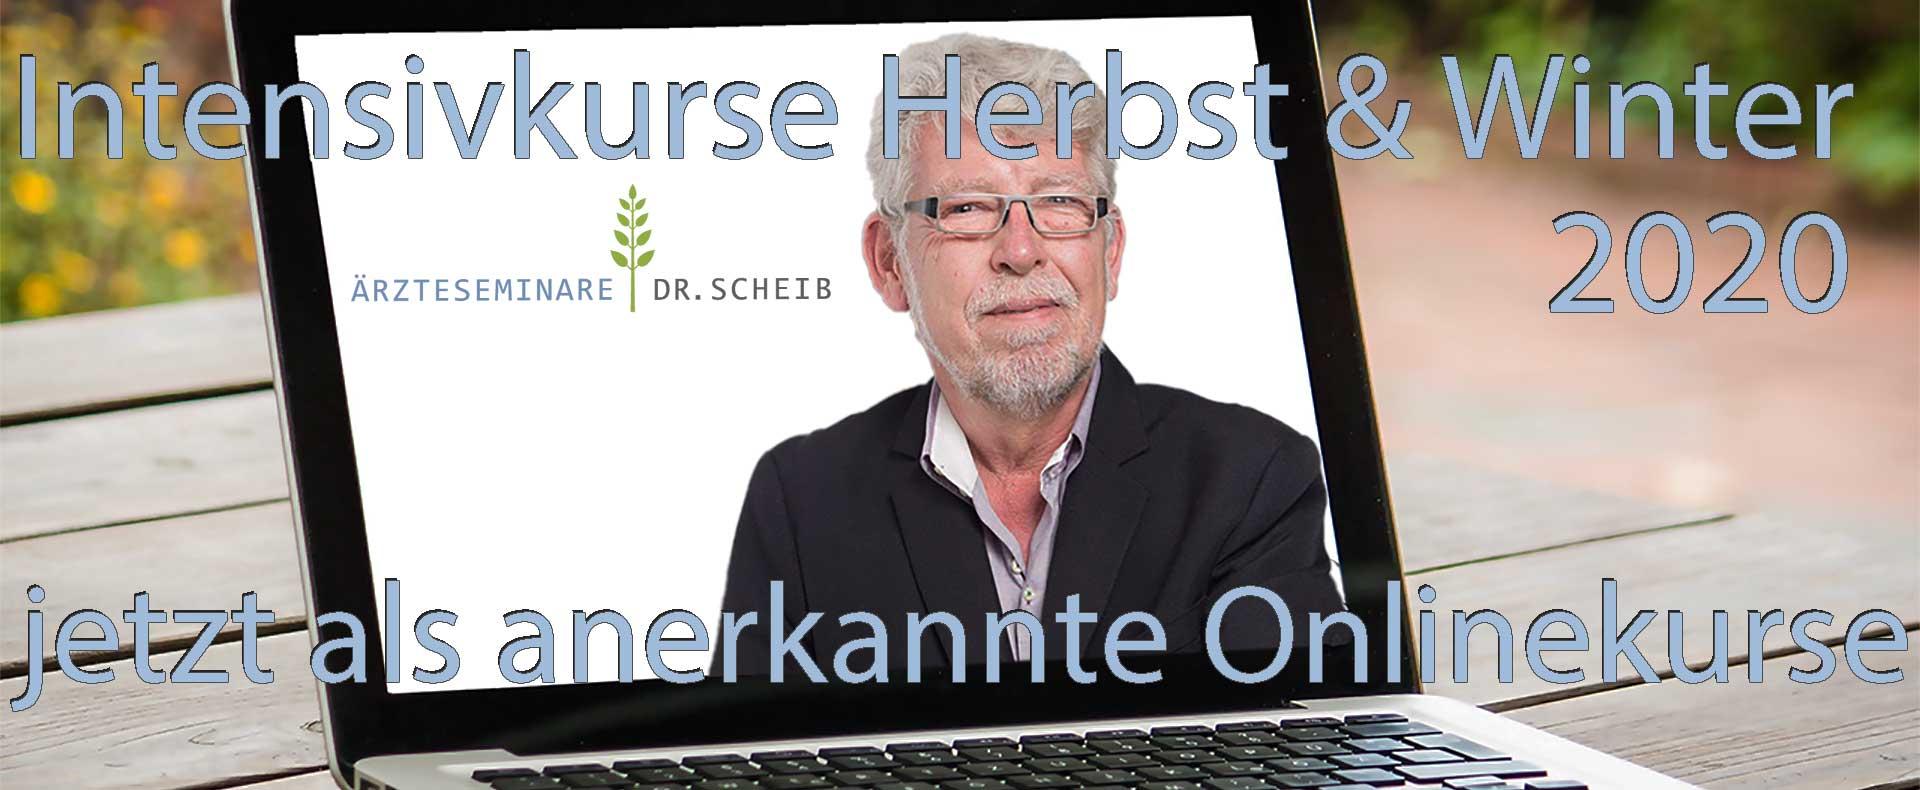 onlinesemianre für Ärzte